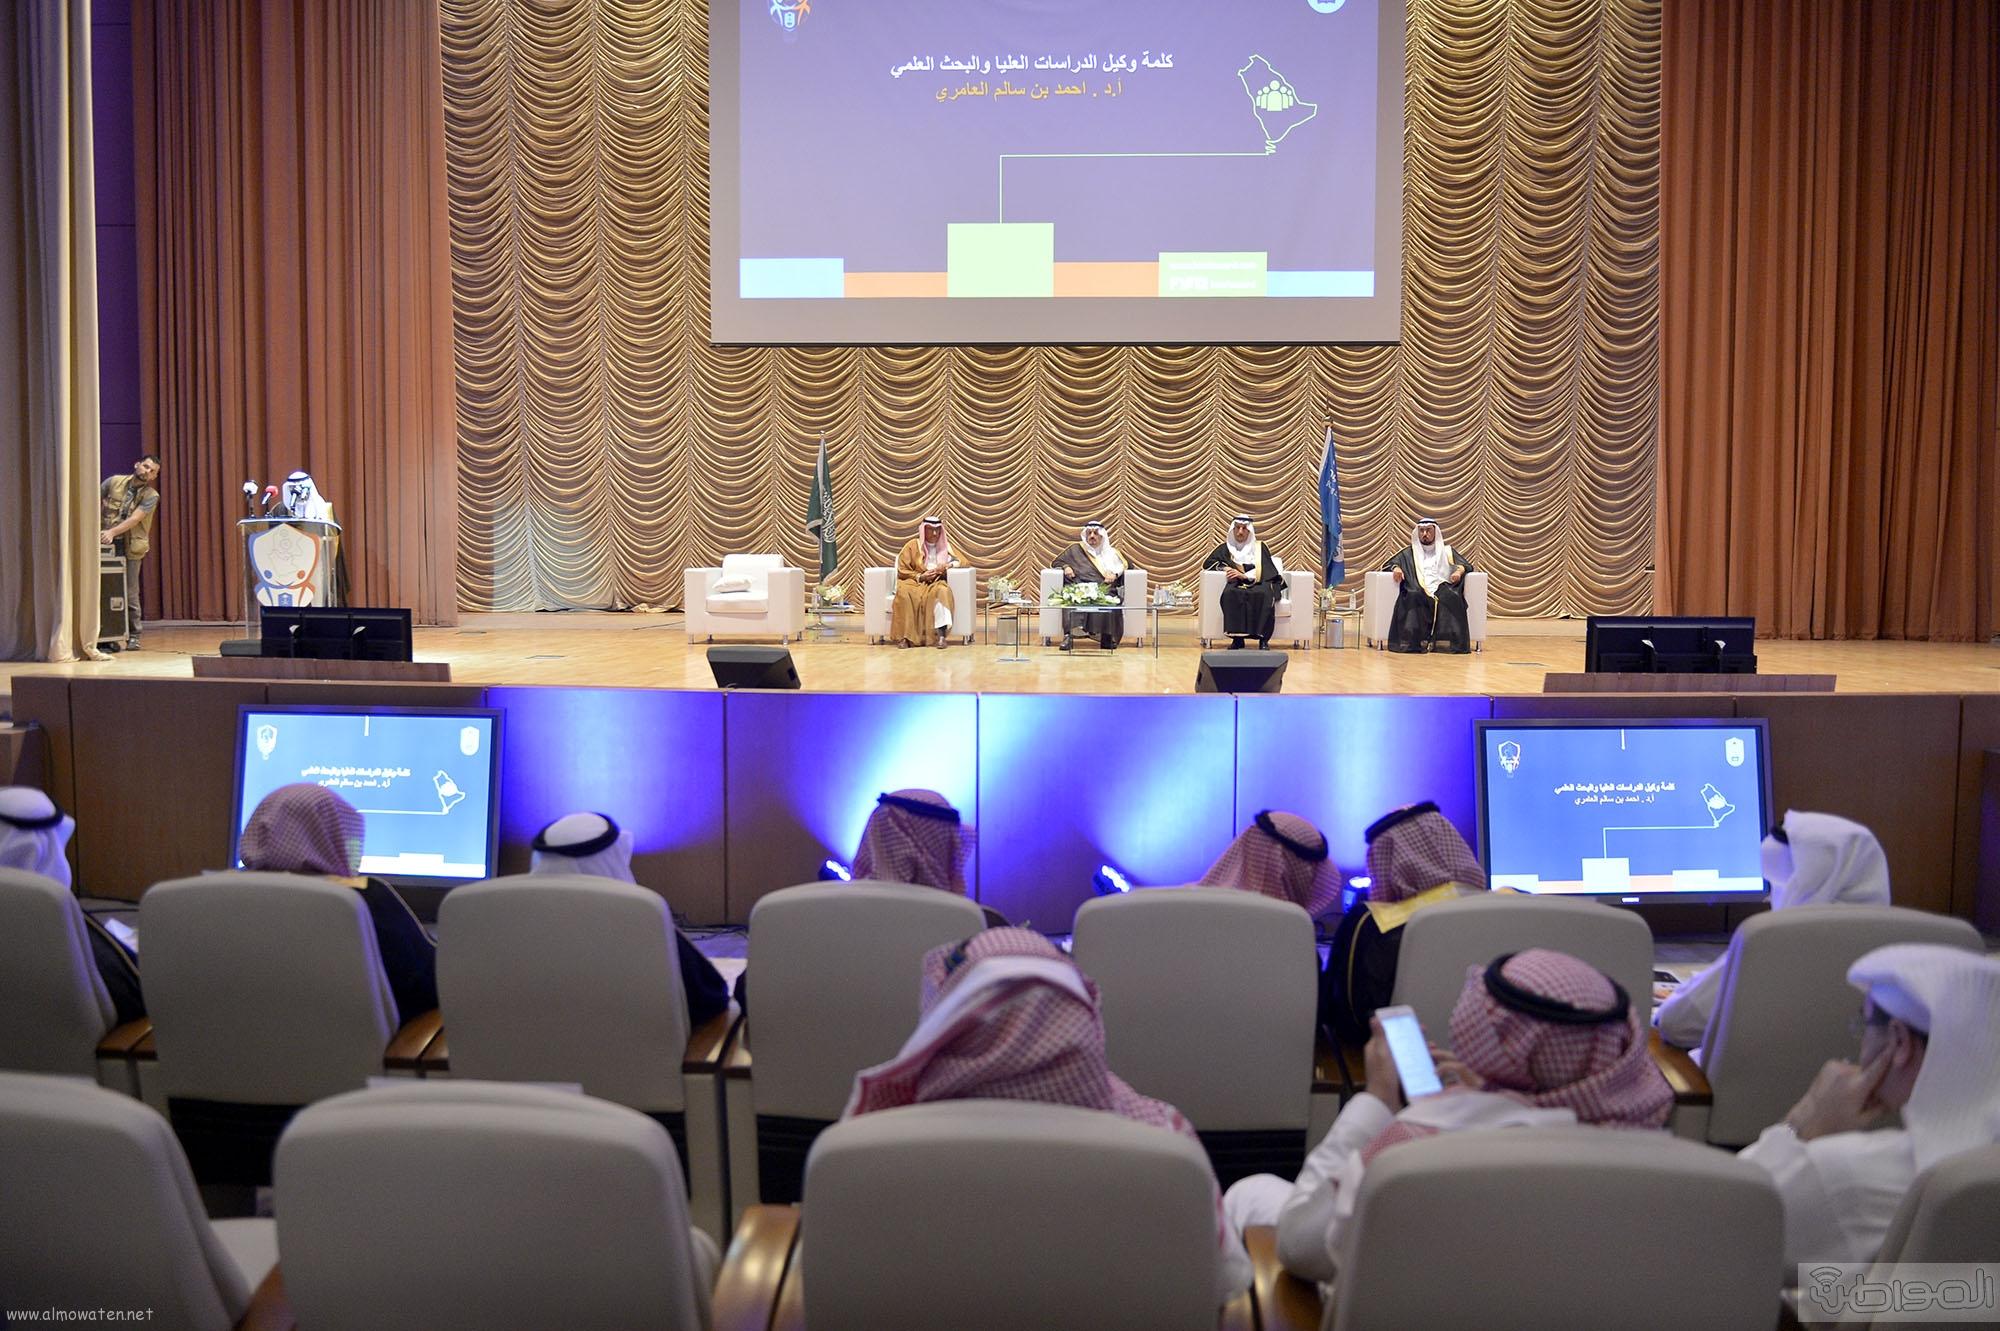 امير الرياض خلال رعاية طموح ملك لمستقبل وطن (9)